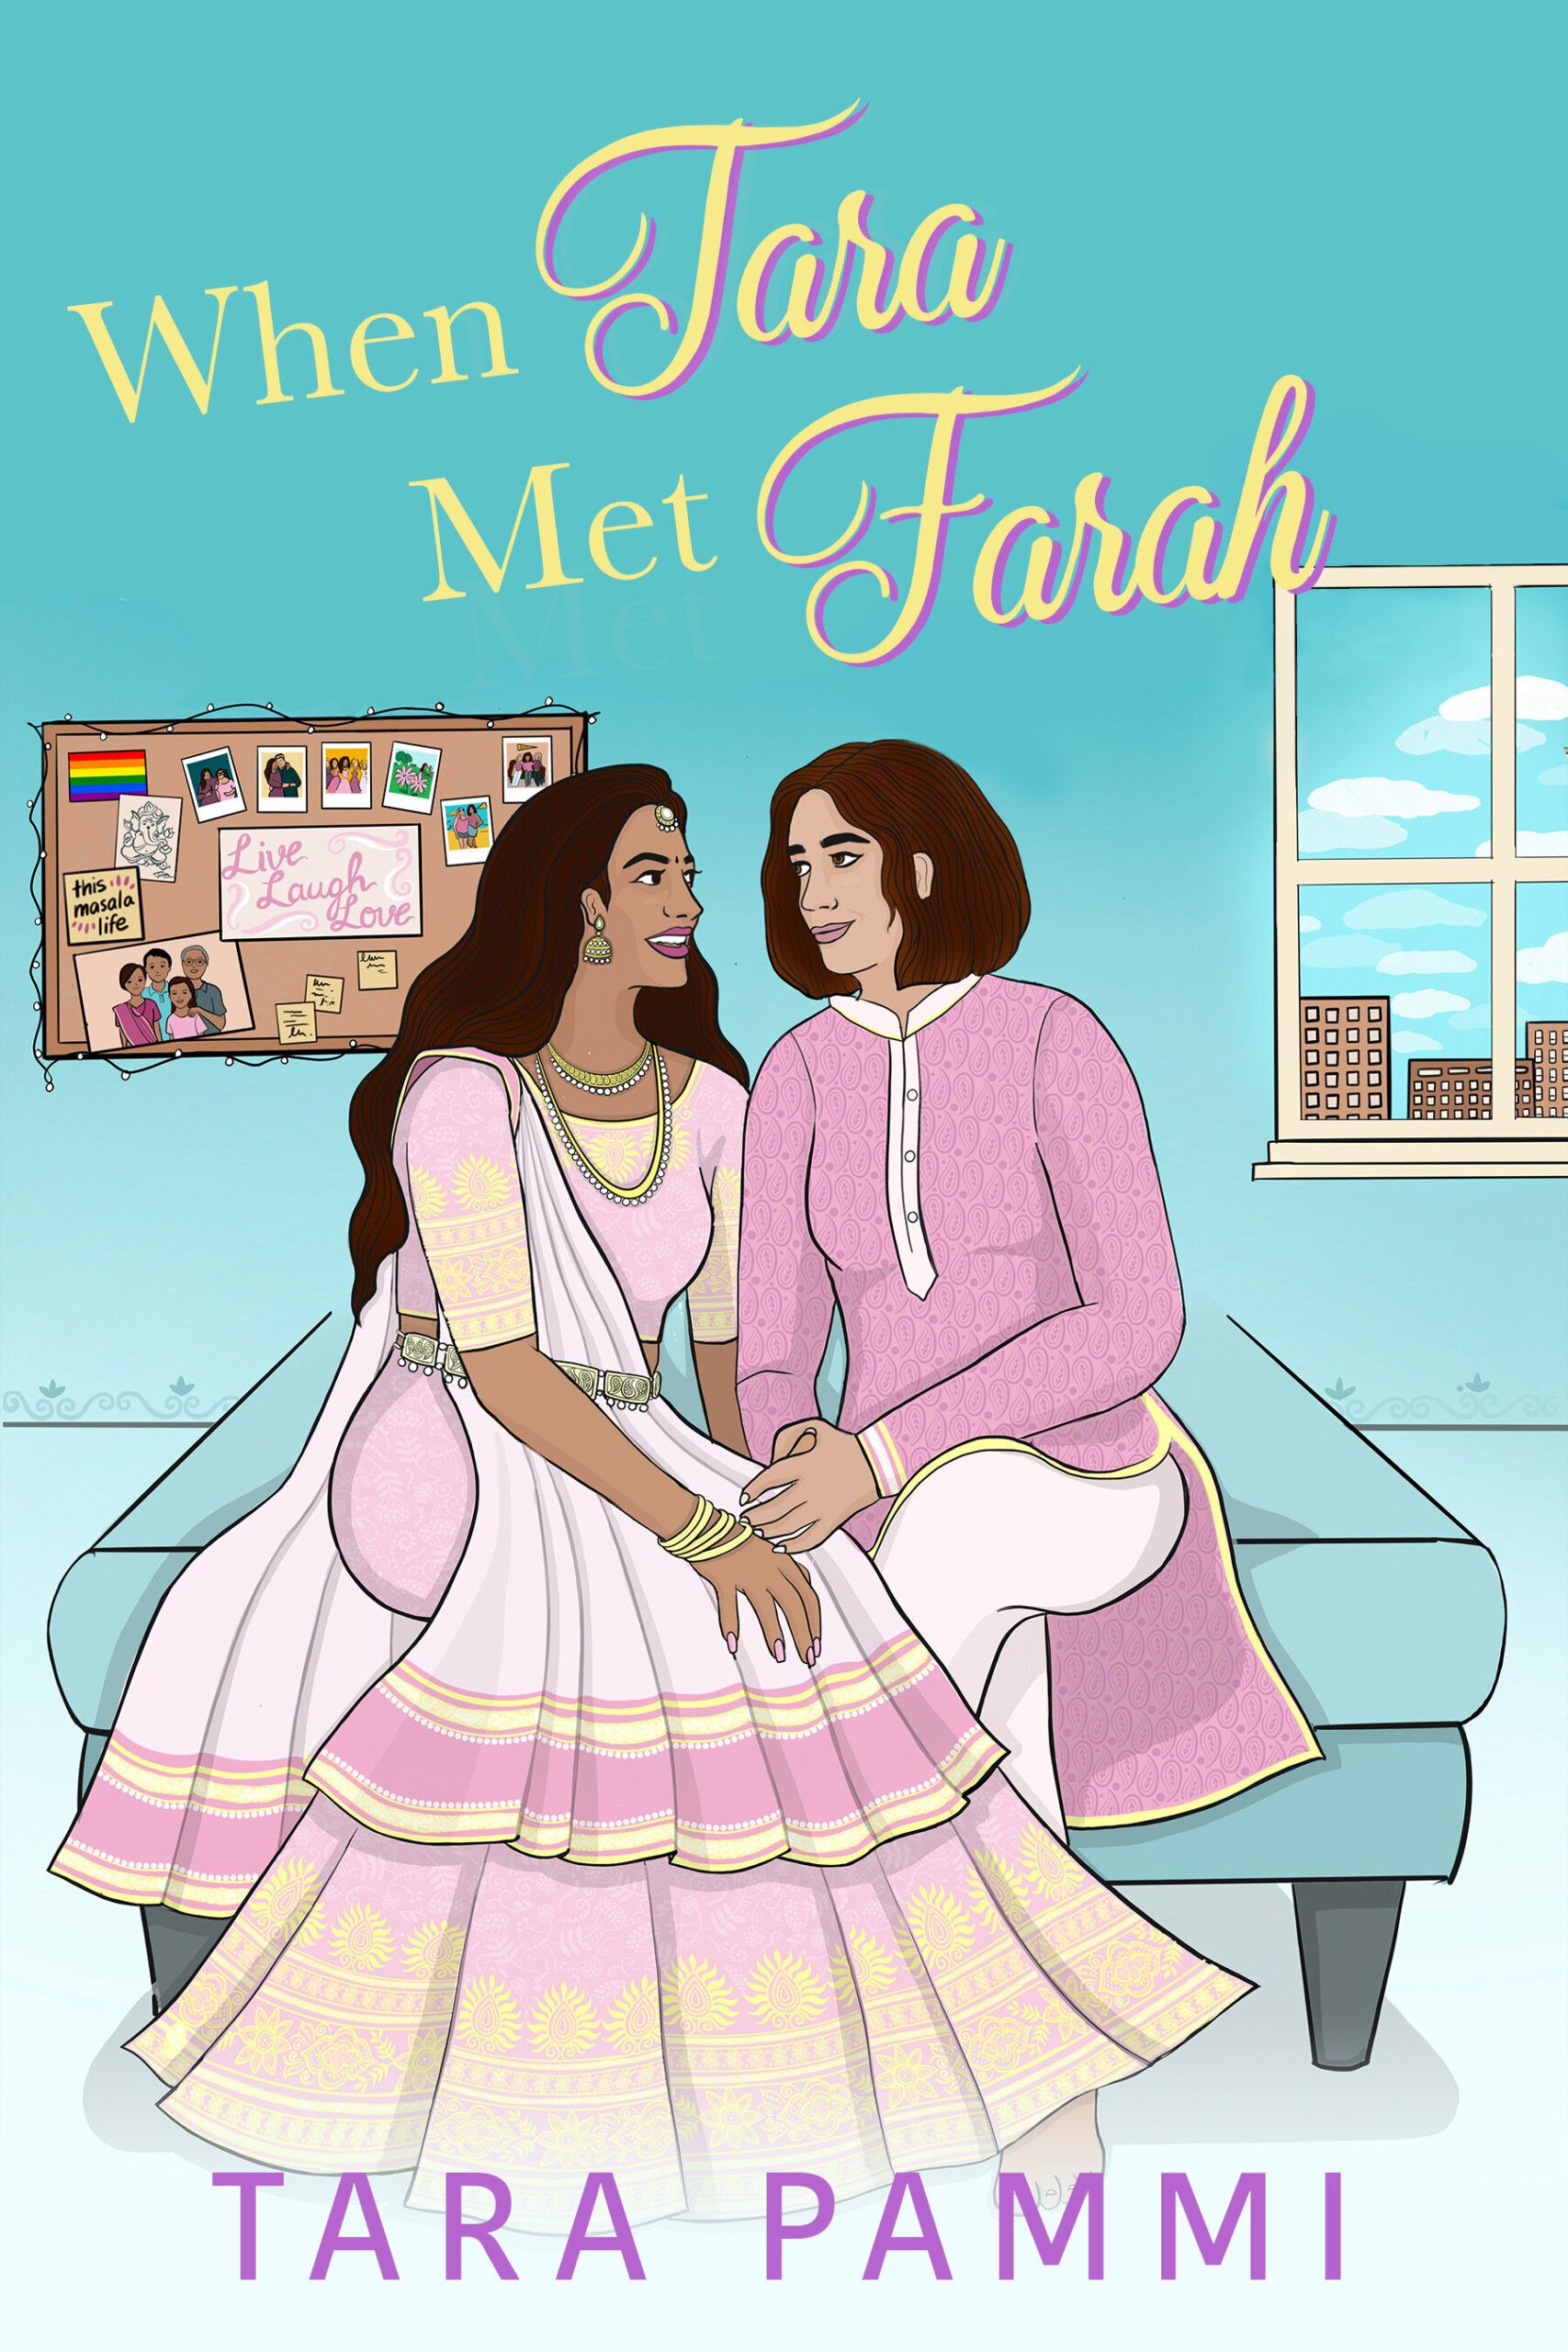 When Tara Met Farah Book Cover